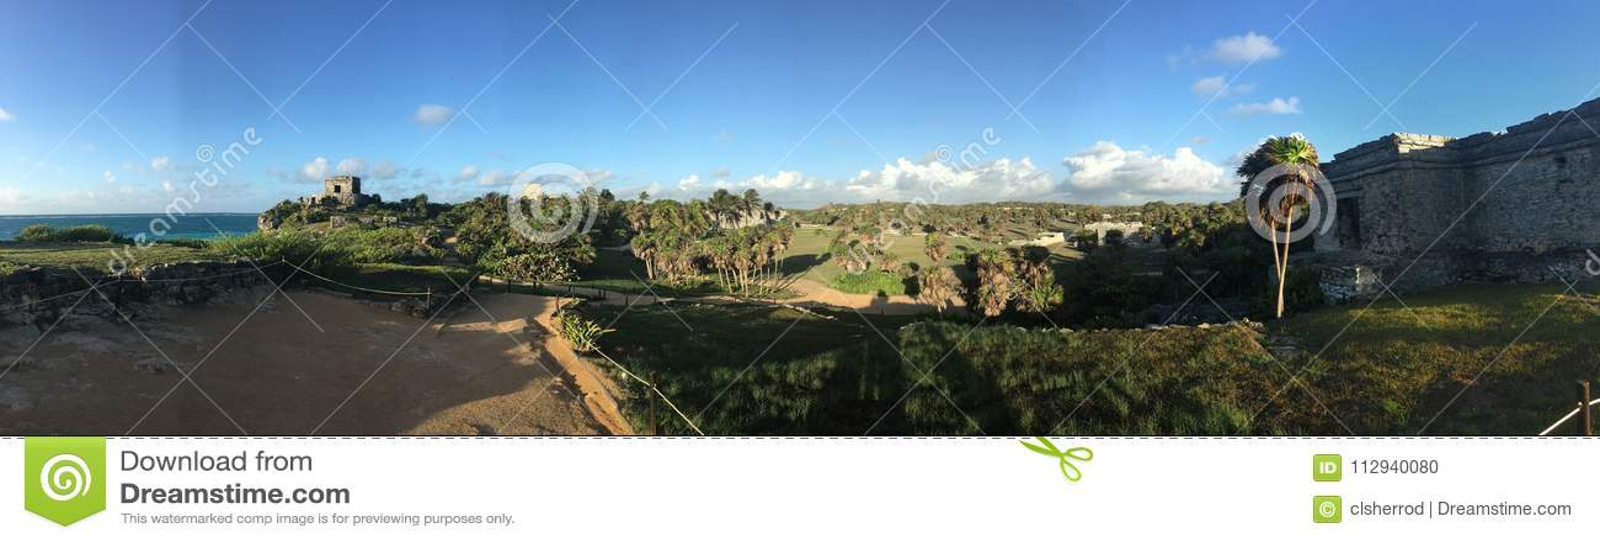 Tulum Ruins Panoramic